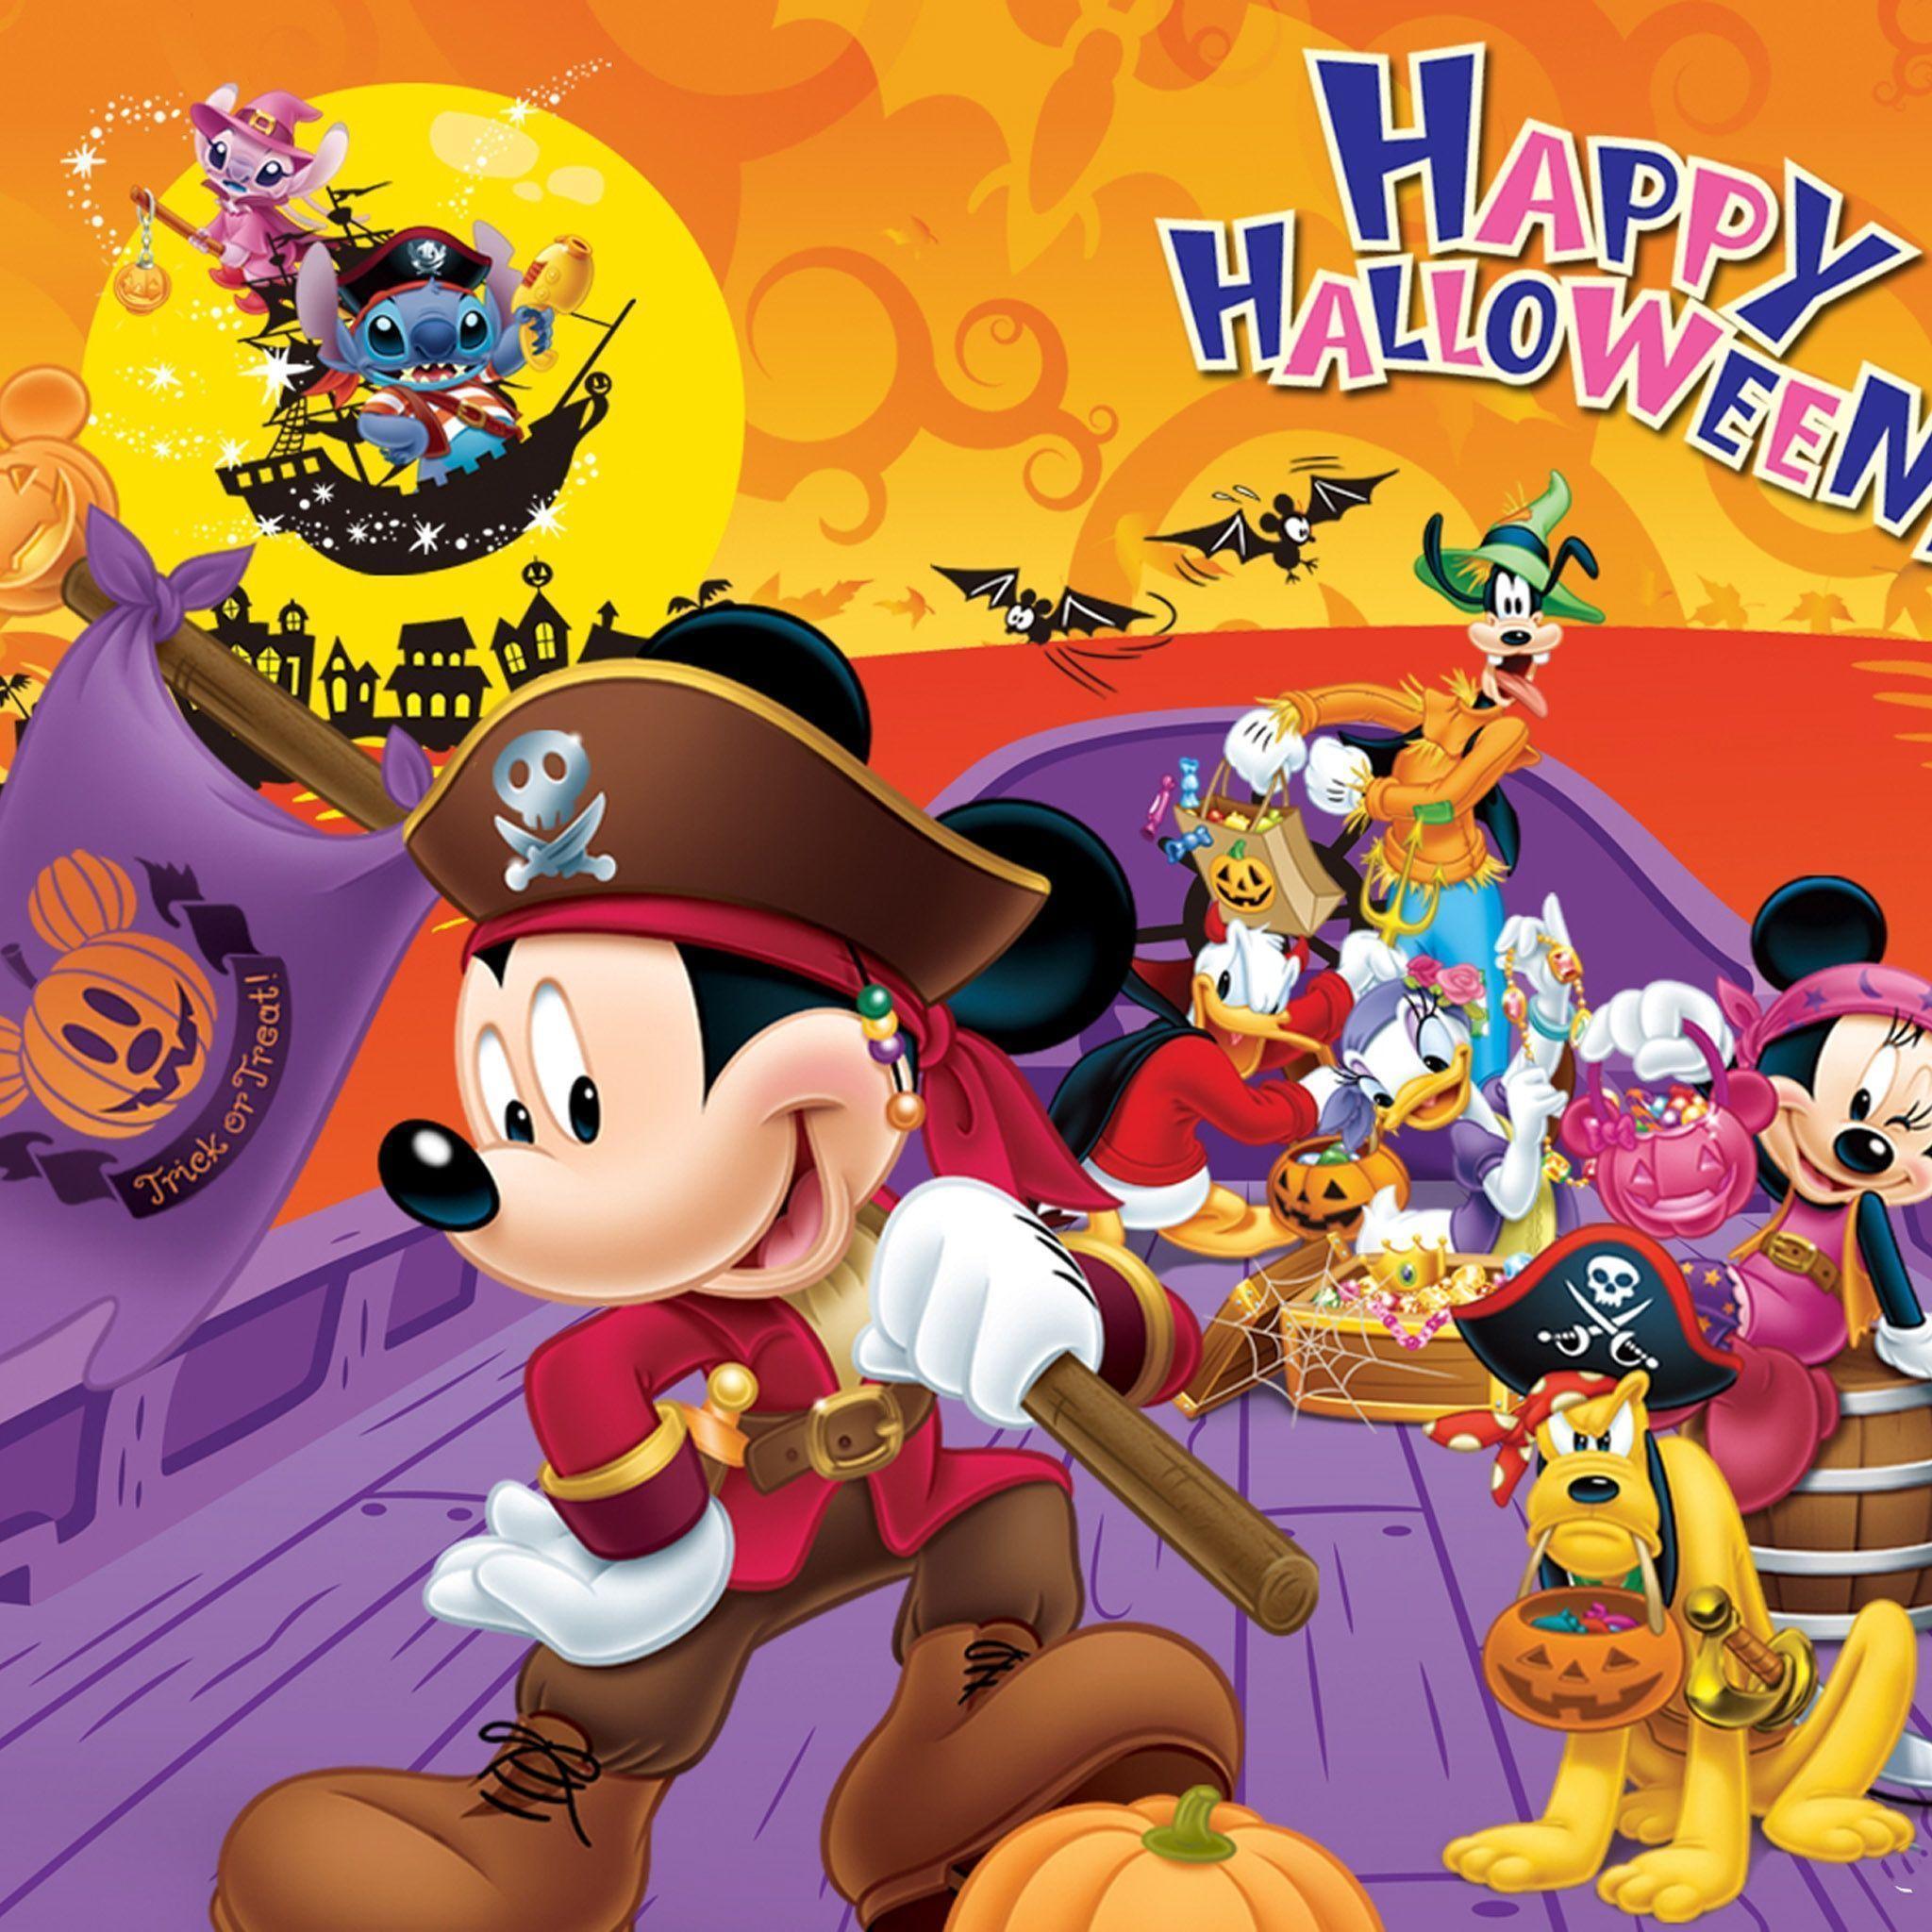 Disney Halloween Wallpapers